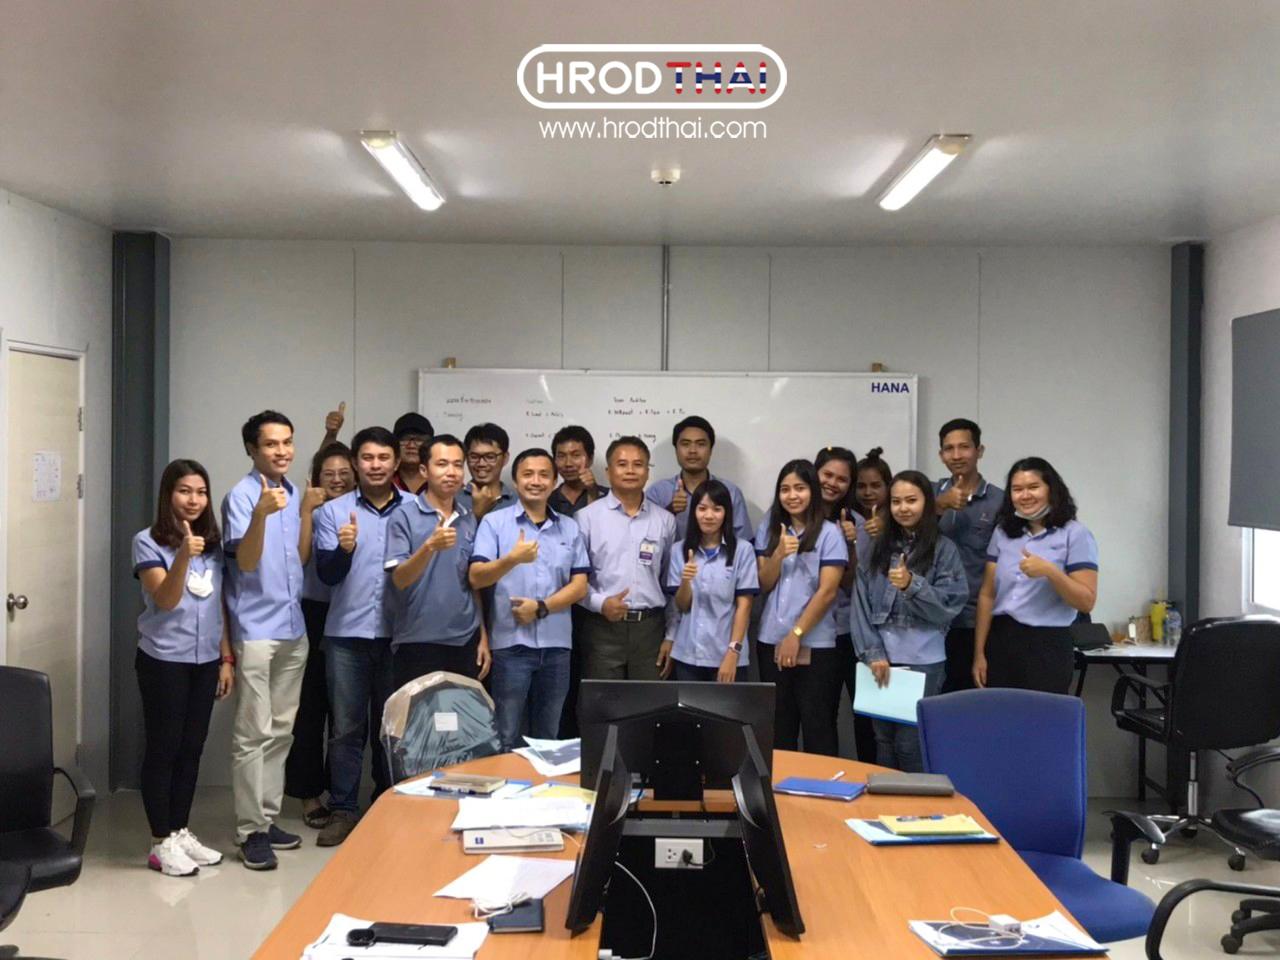 อบรม ISO 90012015 จ.ชลบุรี 09 16.10.63